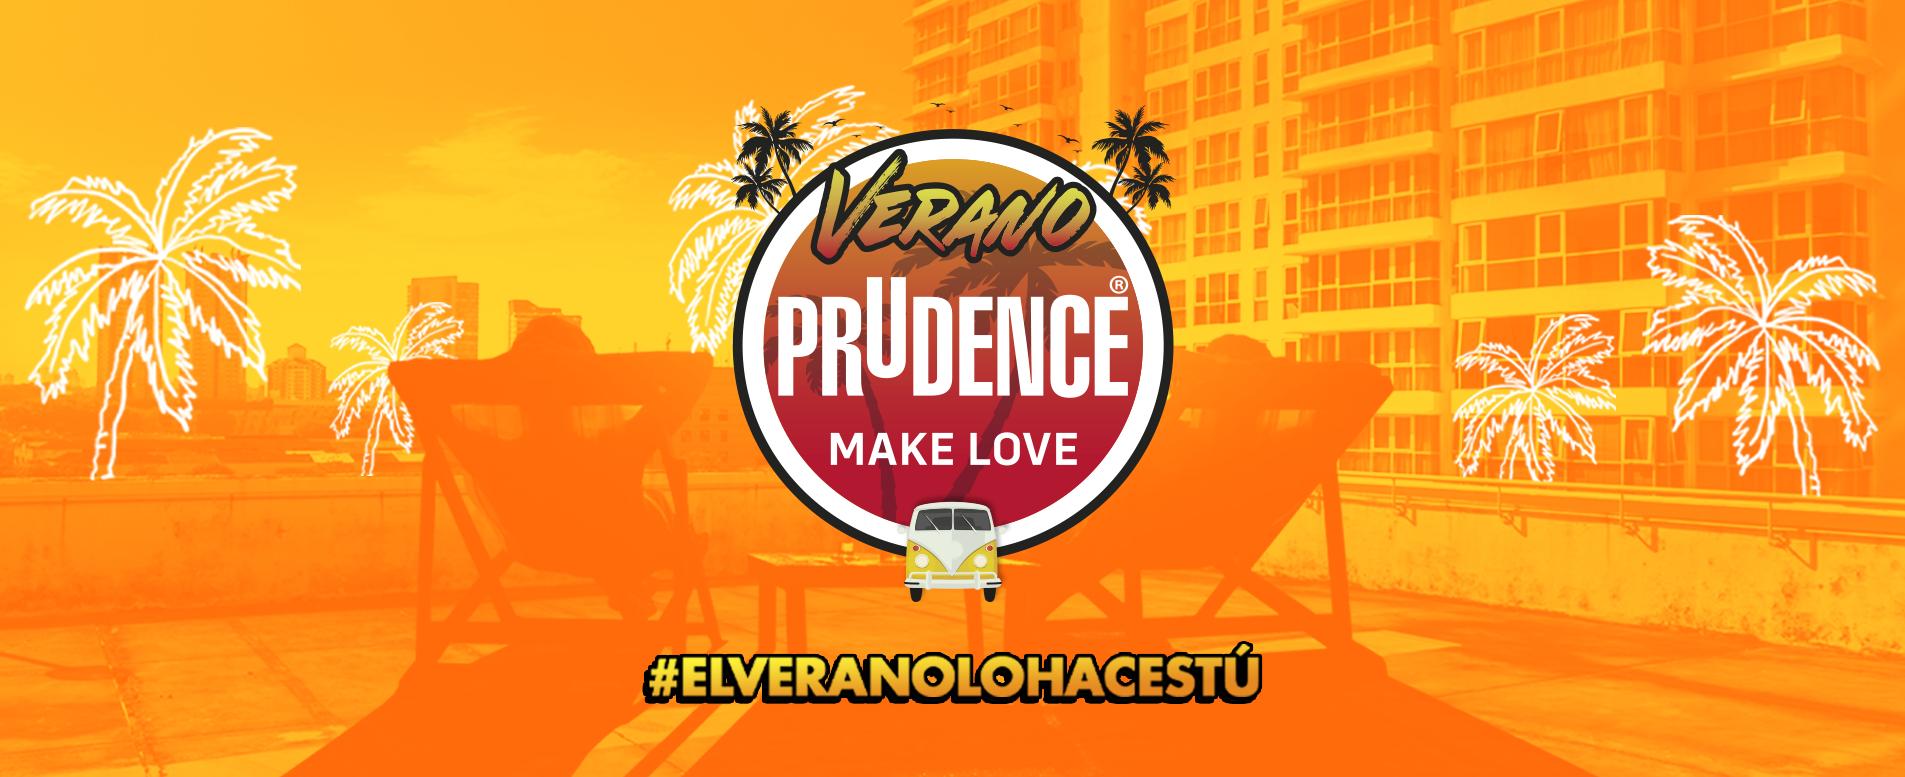 Verano Prudence